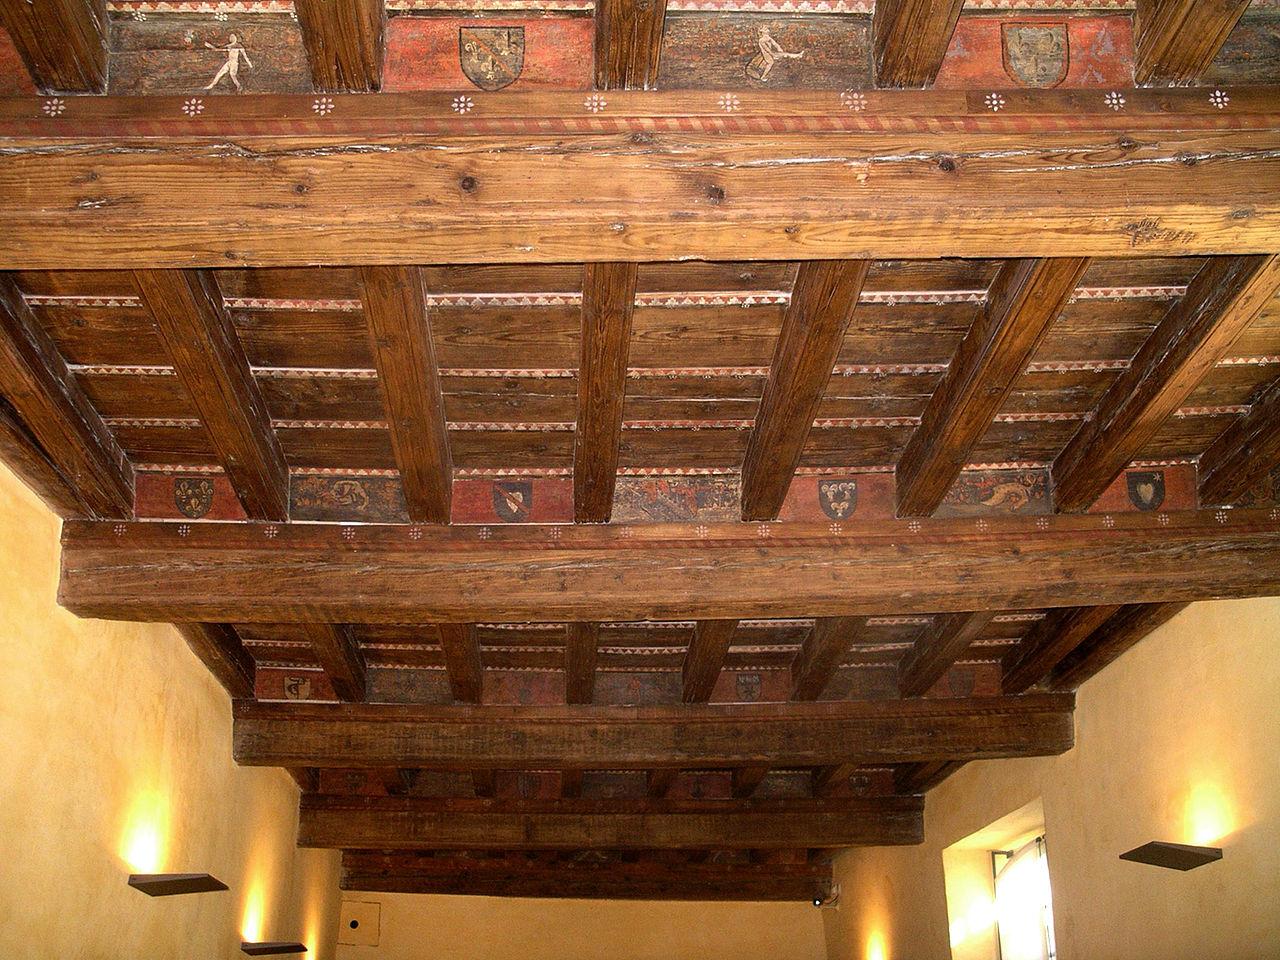 paper pour une typologie des d cors monumentaux armori s dans le royaume de france au moyen. Black Bedroom Furniture Sets. Home Design Ideas